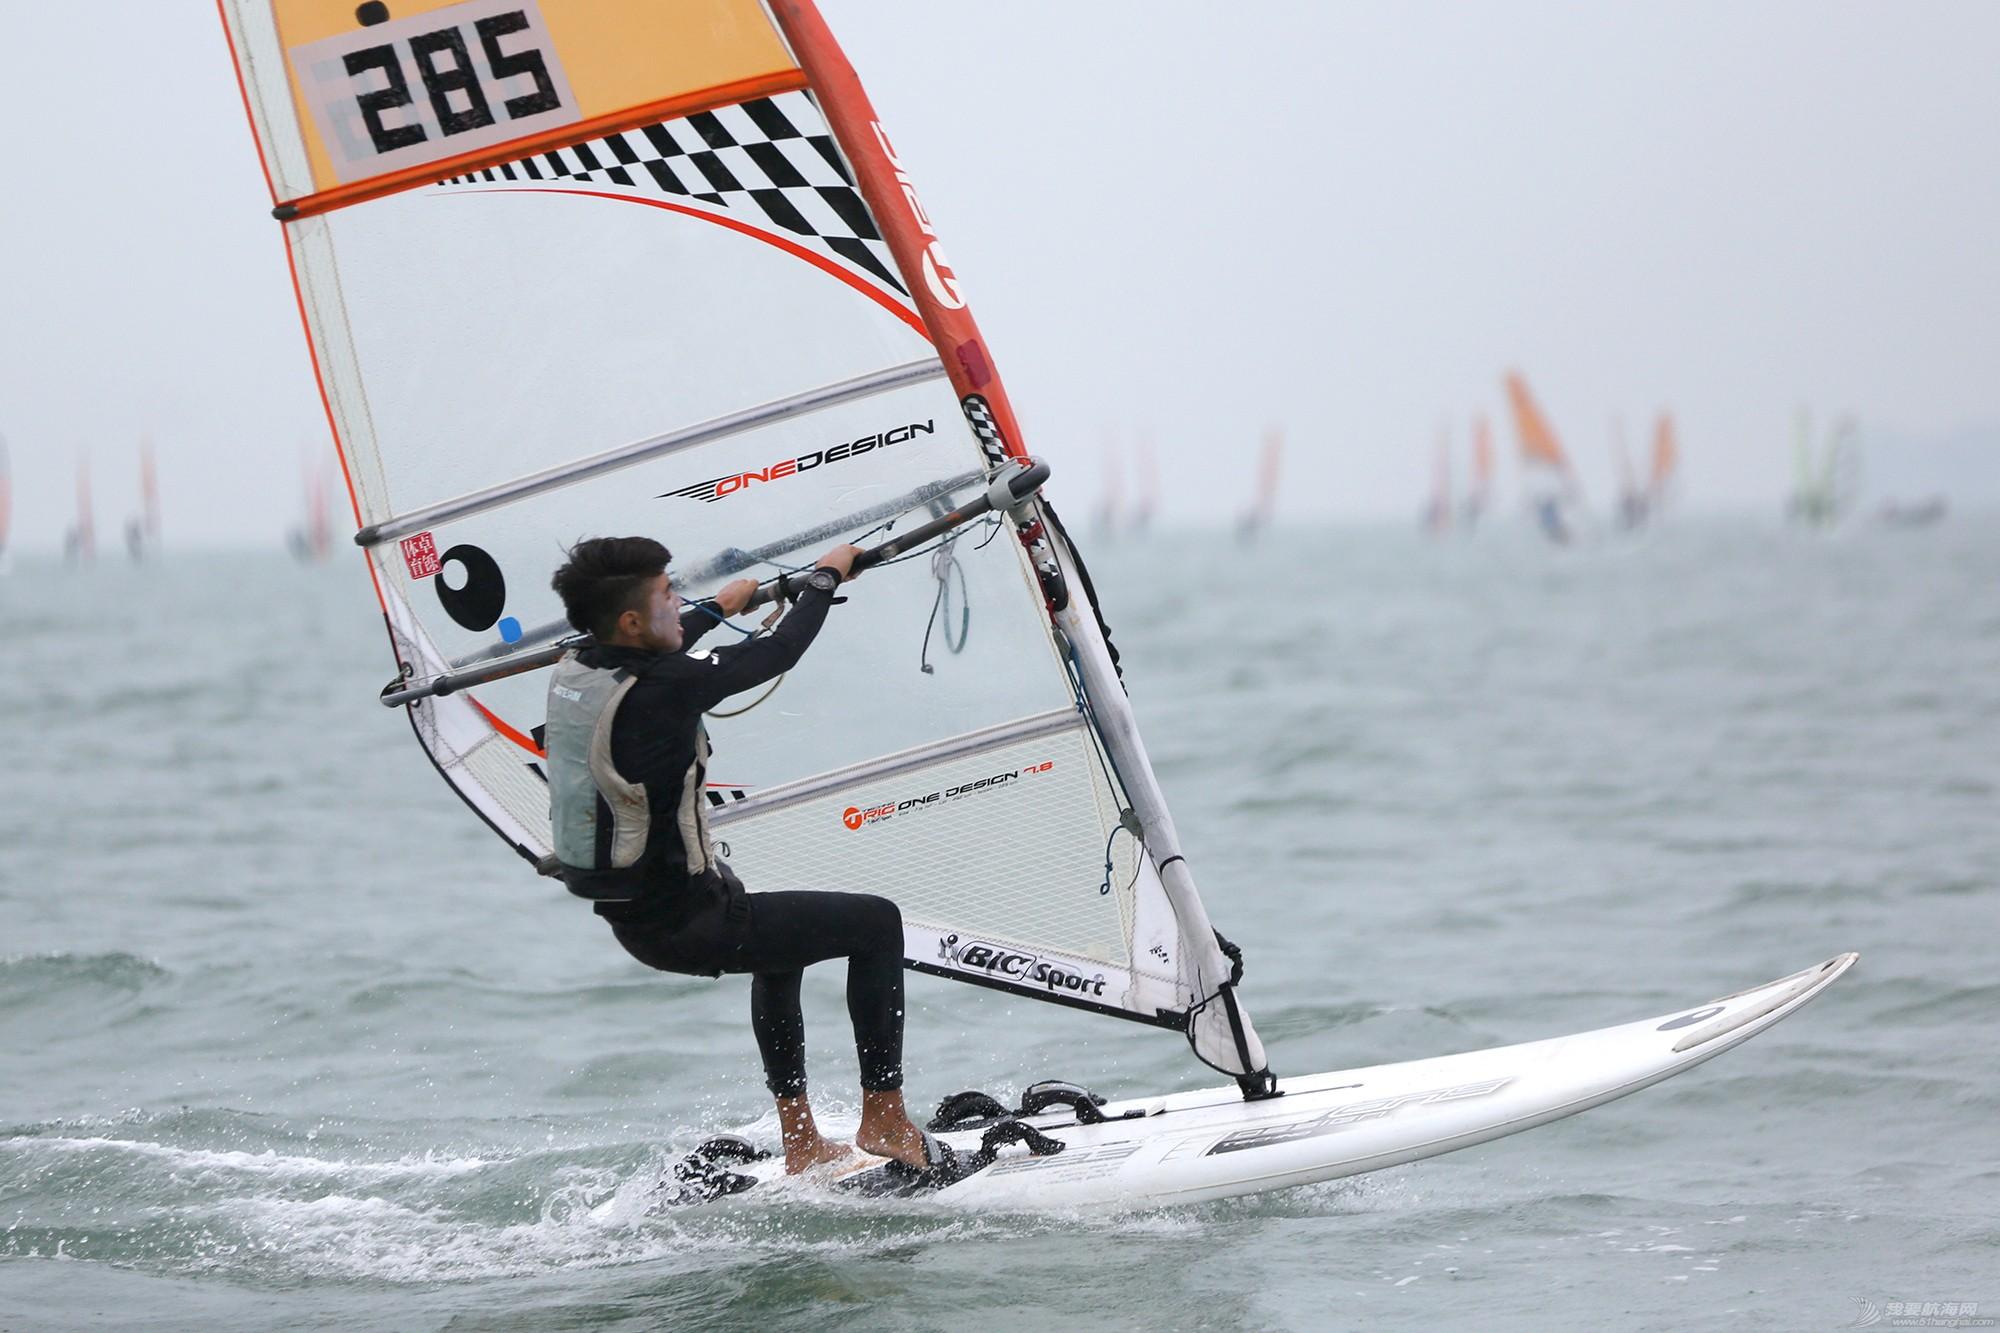 山东省,运动员,冠军赛,天气,帆板 风生水起,怎奈个个都是浪里白条——山东省帆船帆板冠军赛第二天赛况 5V8A1543副本.jpg